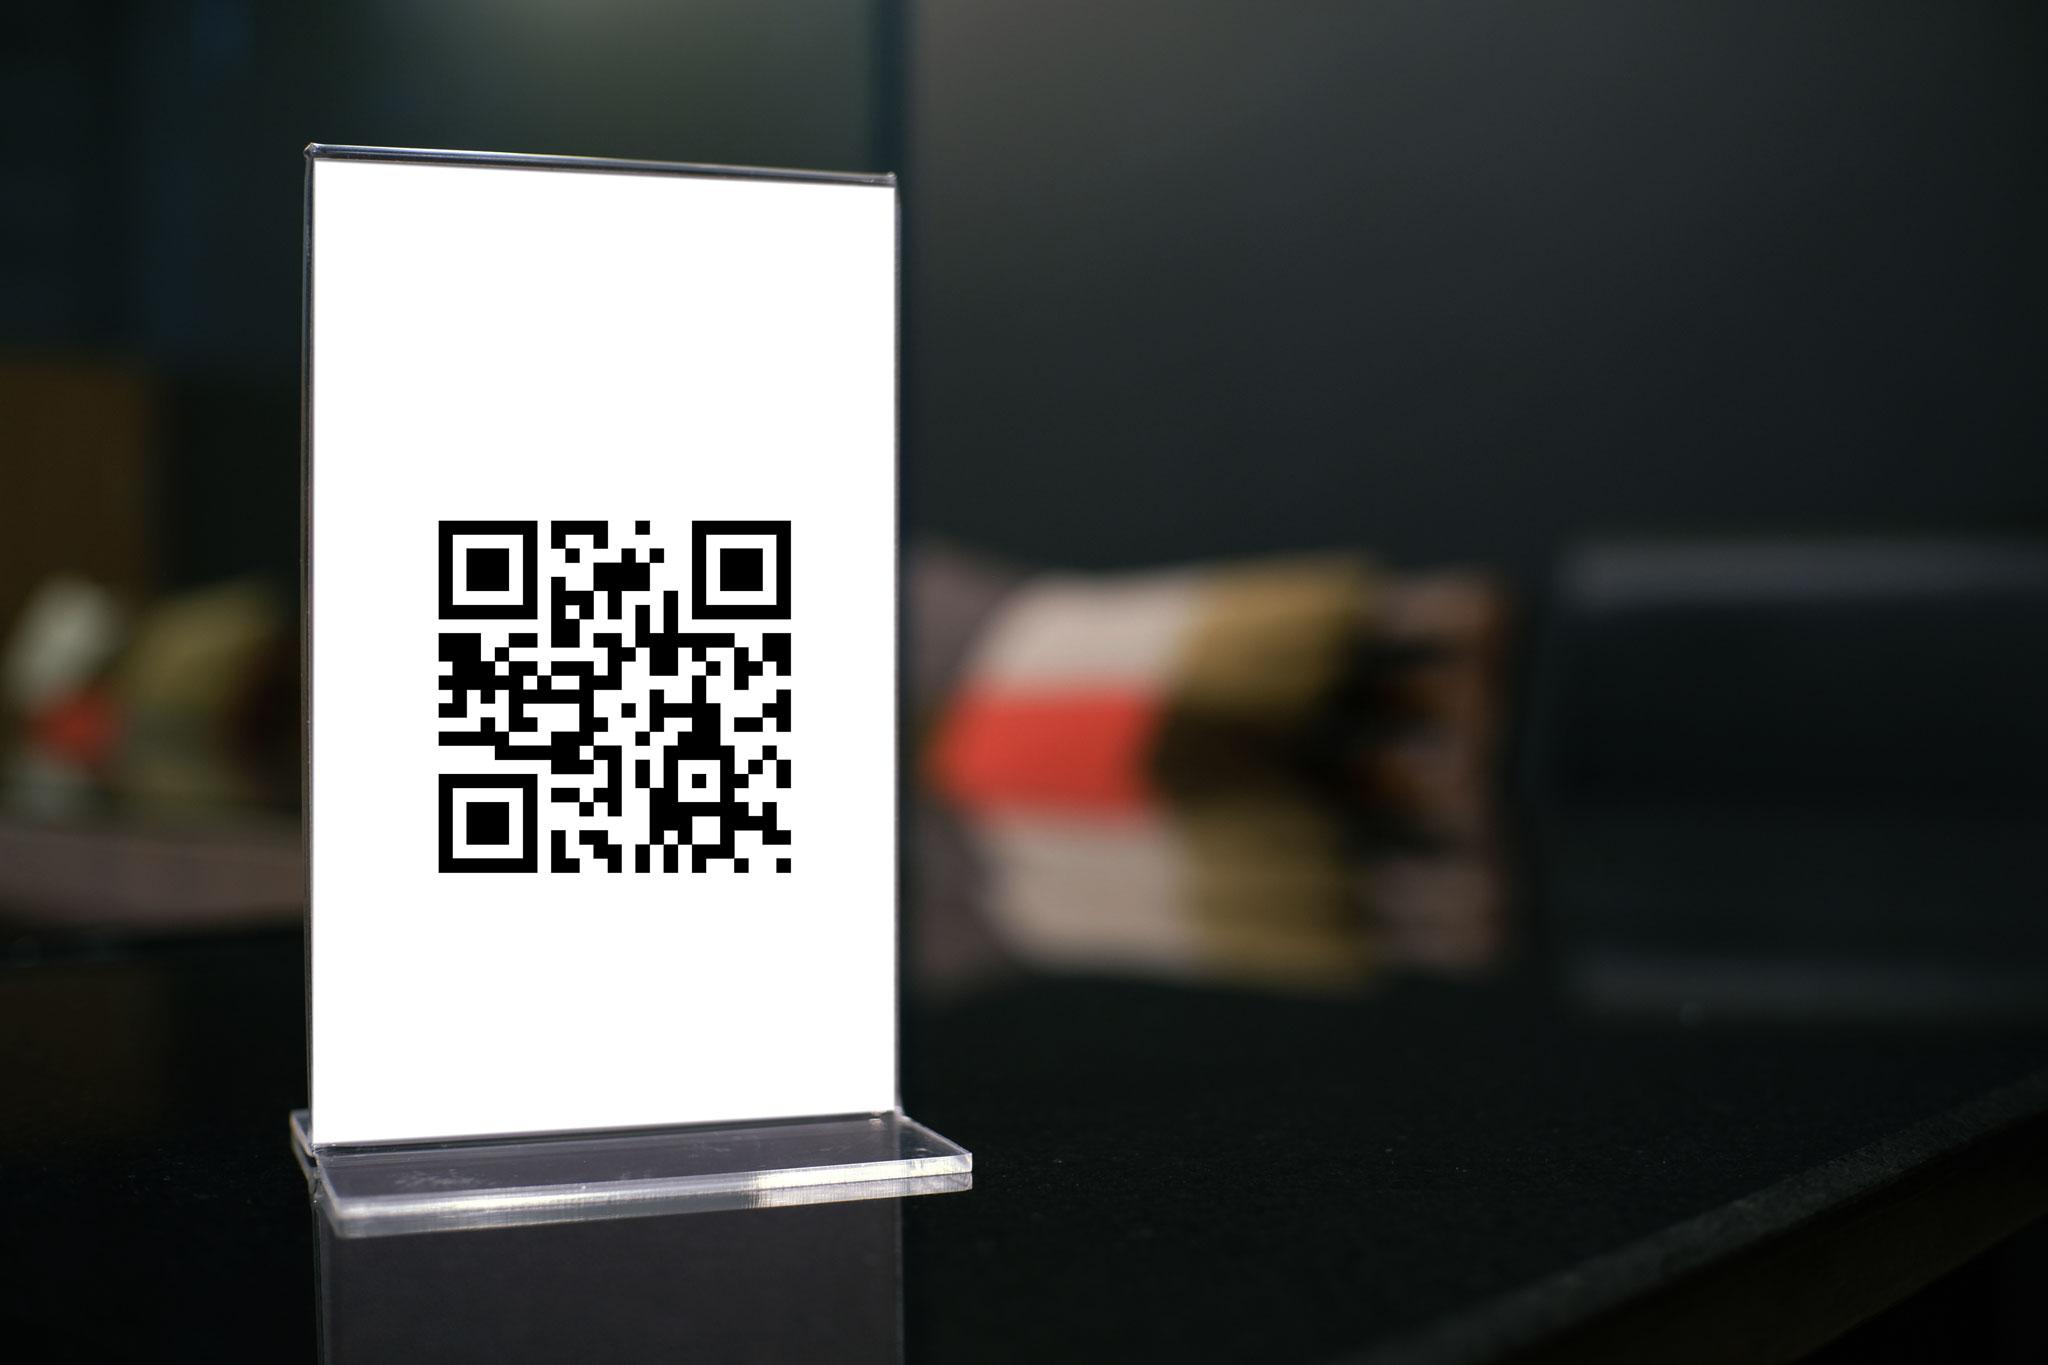 Qr Menue - Application form